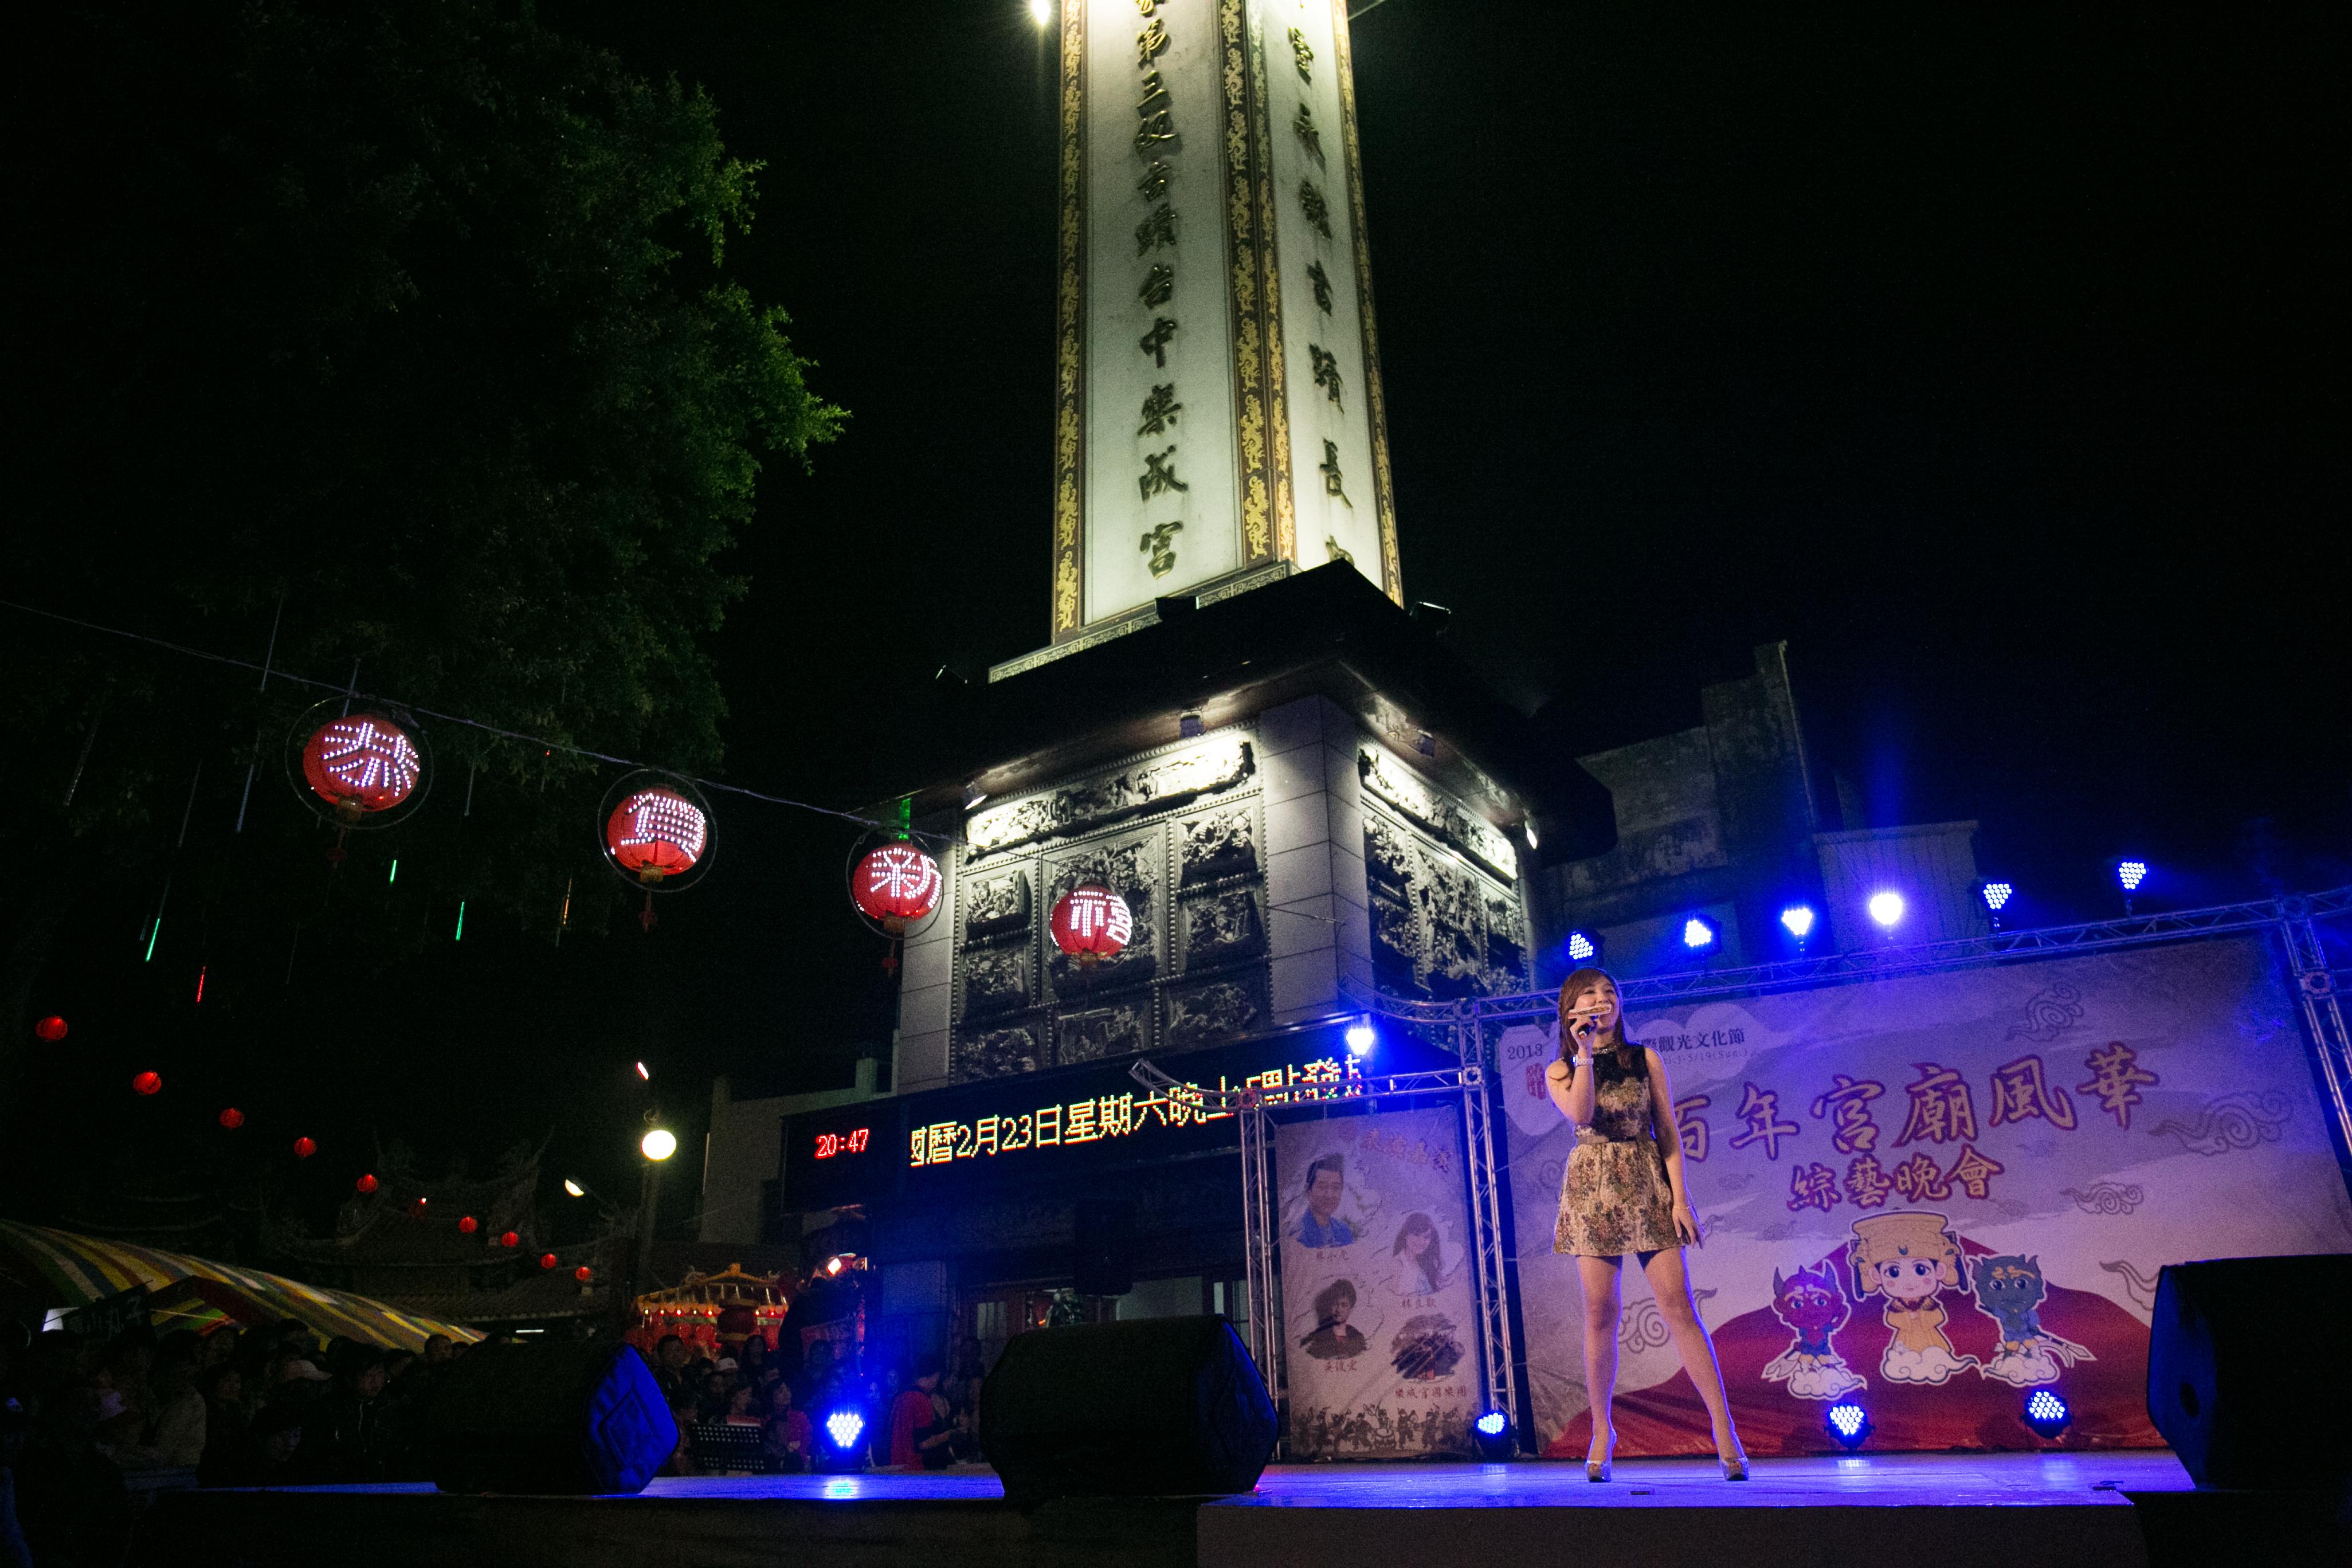 臺中媽祖國際觀光文化節在樂成宮,活動紀錄拍攝者台中婚錄張西米14